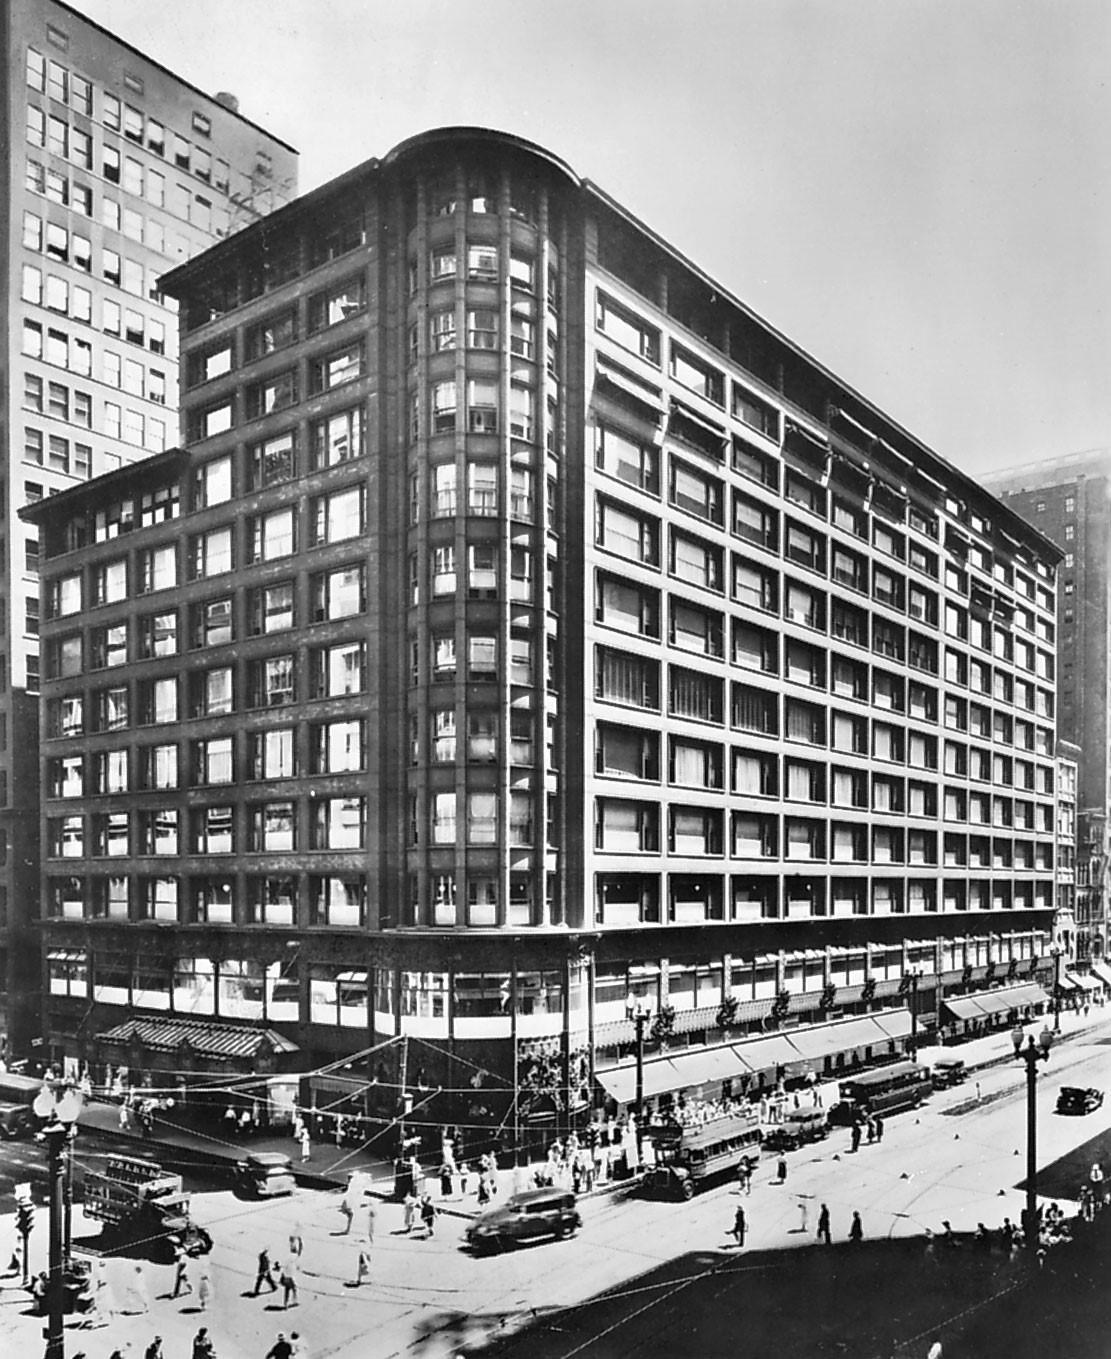 Almacén Carson o Centro Sullivan, 1899. Este edificio fue diseñado y realizado por el arquitecto Louis H. Sullivan en el estilo arquitectónico predominante a finales del S. XIX: el funcionalismo